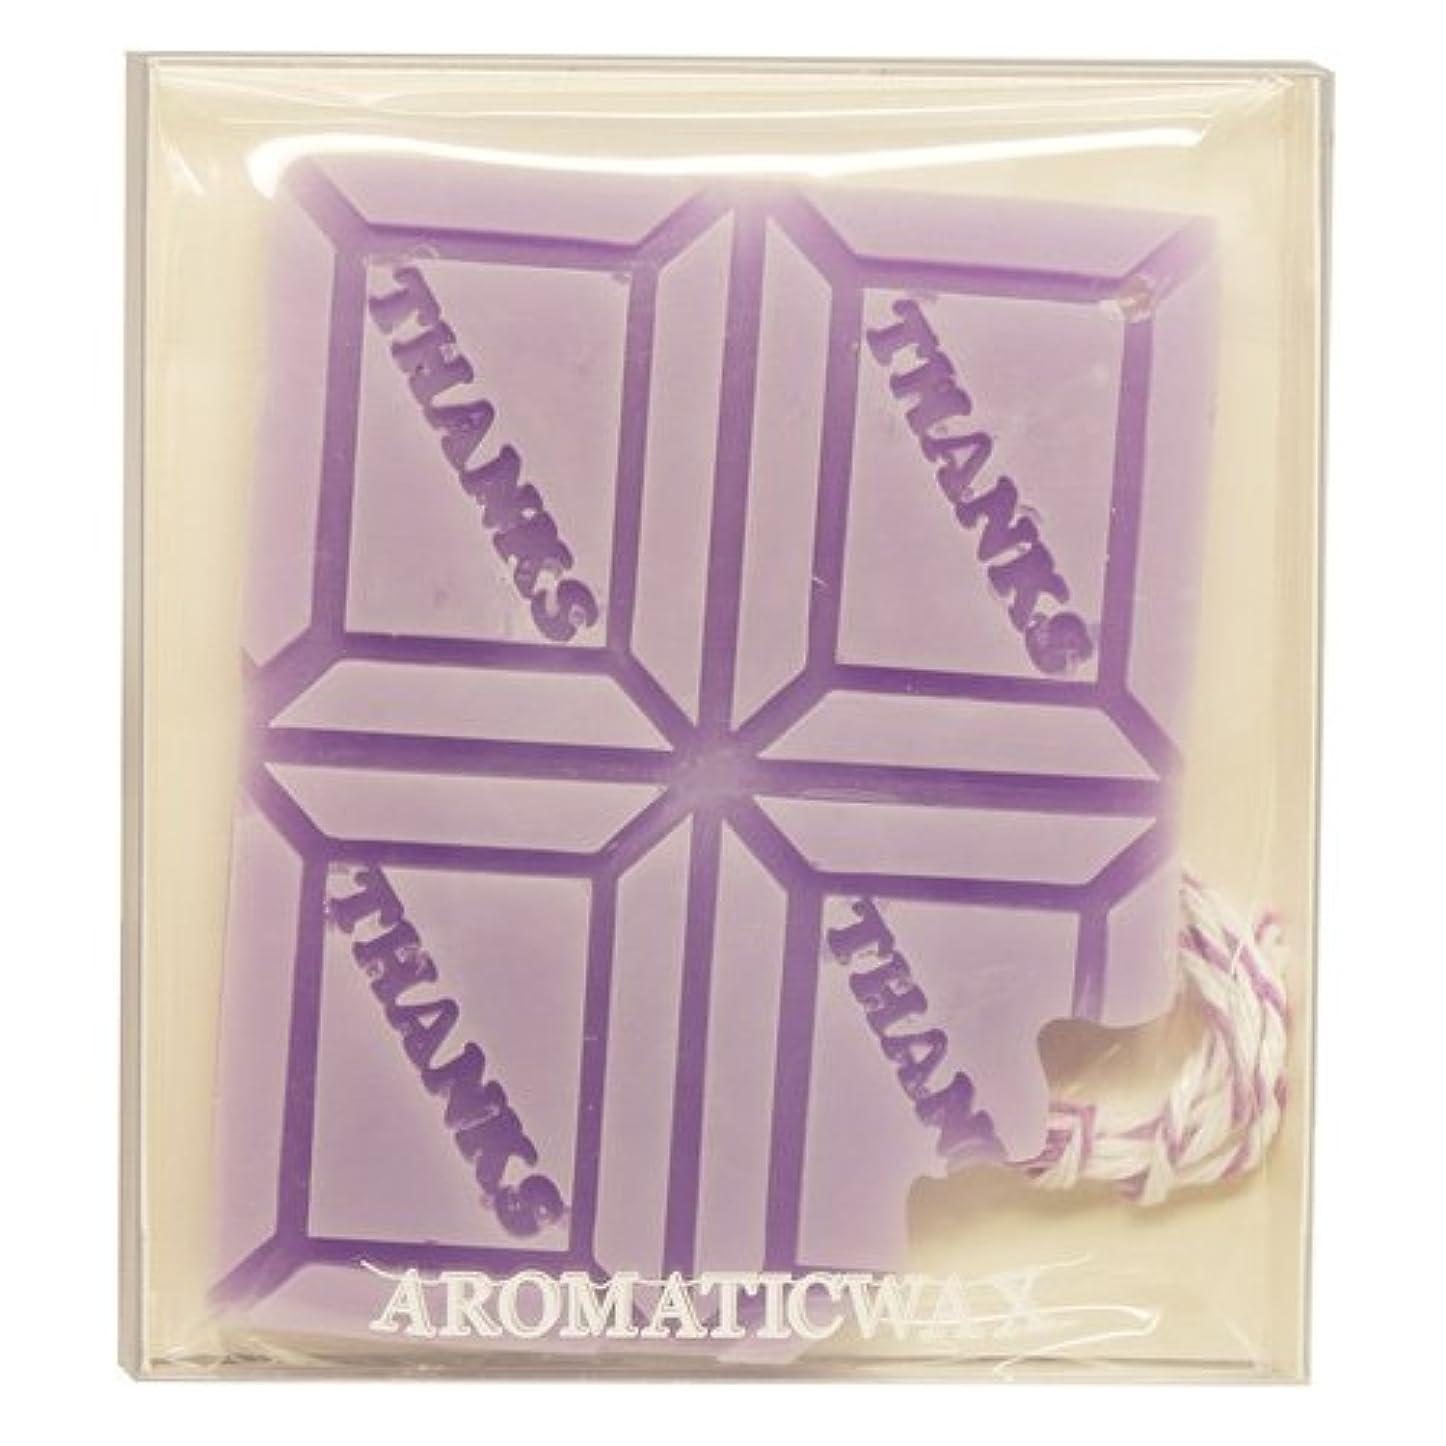 柔らかさ木製フィルタGRASSE TOKYO AROMATICWAXチャーム「板チョコ(THANKS)」(PU) ラベンダー アロマティックワックス グラーストウキョウ